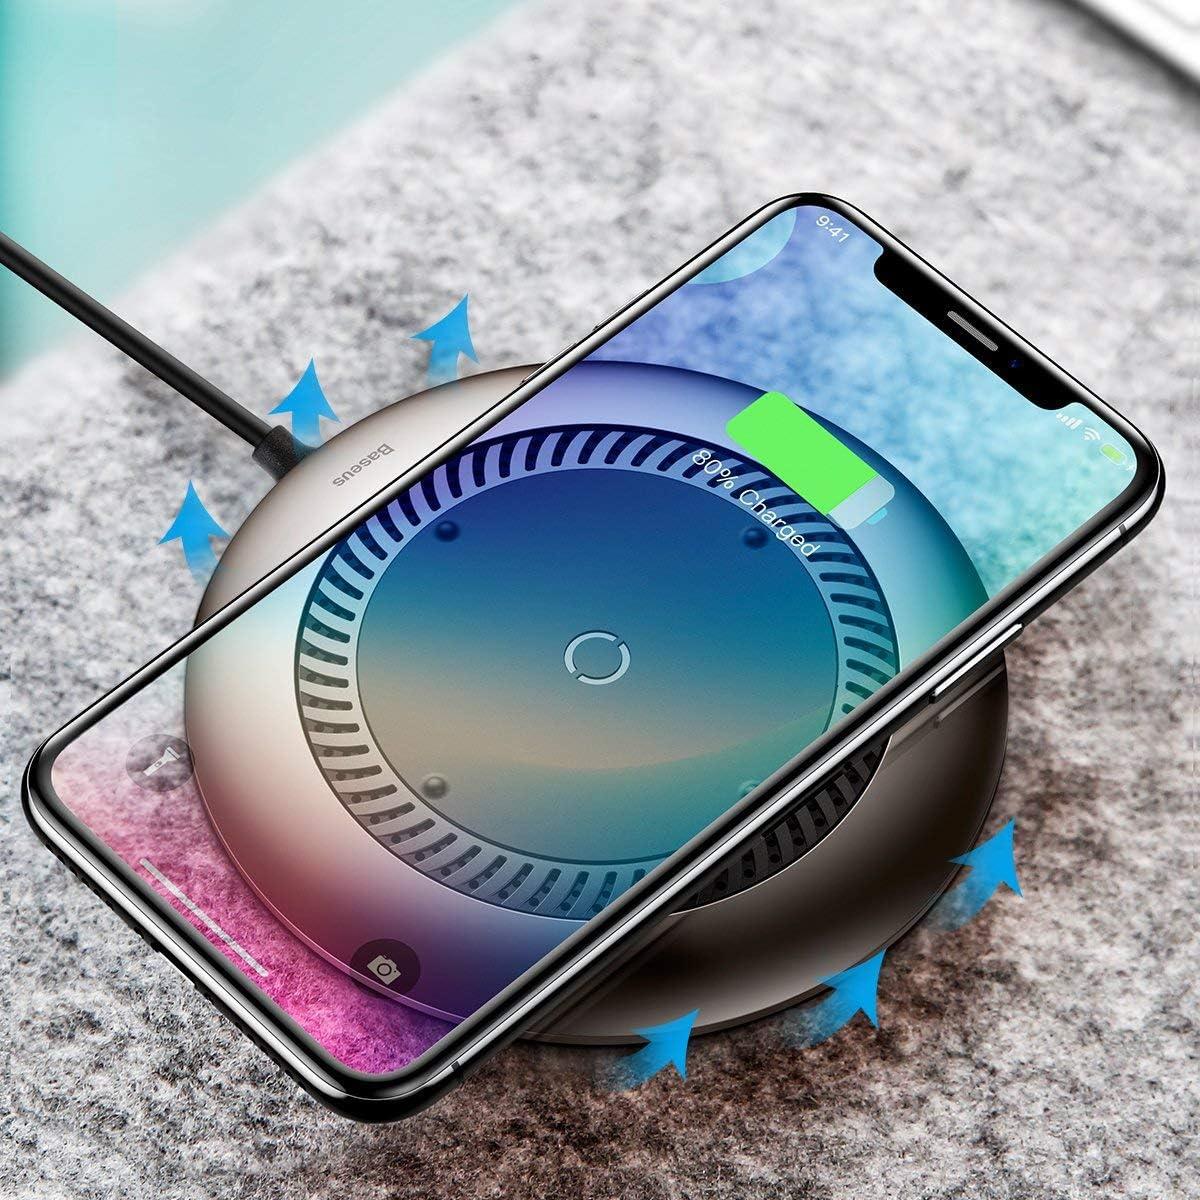 Baseus - Cargador inalámbrico Qi 10 W [delgado y ligero] [control de calor con ventilador] para iPhone X/iPhone 8/8 Plus, carga rápida para Galaxy S9/S9 Plus/S8/Note 8/S7 Edge, color negro